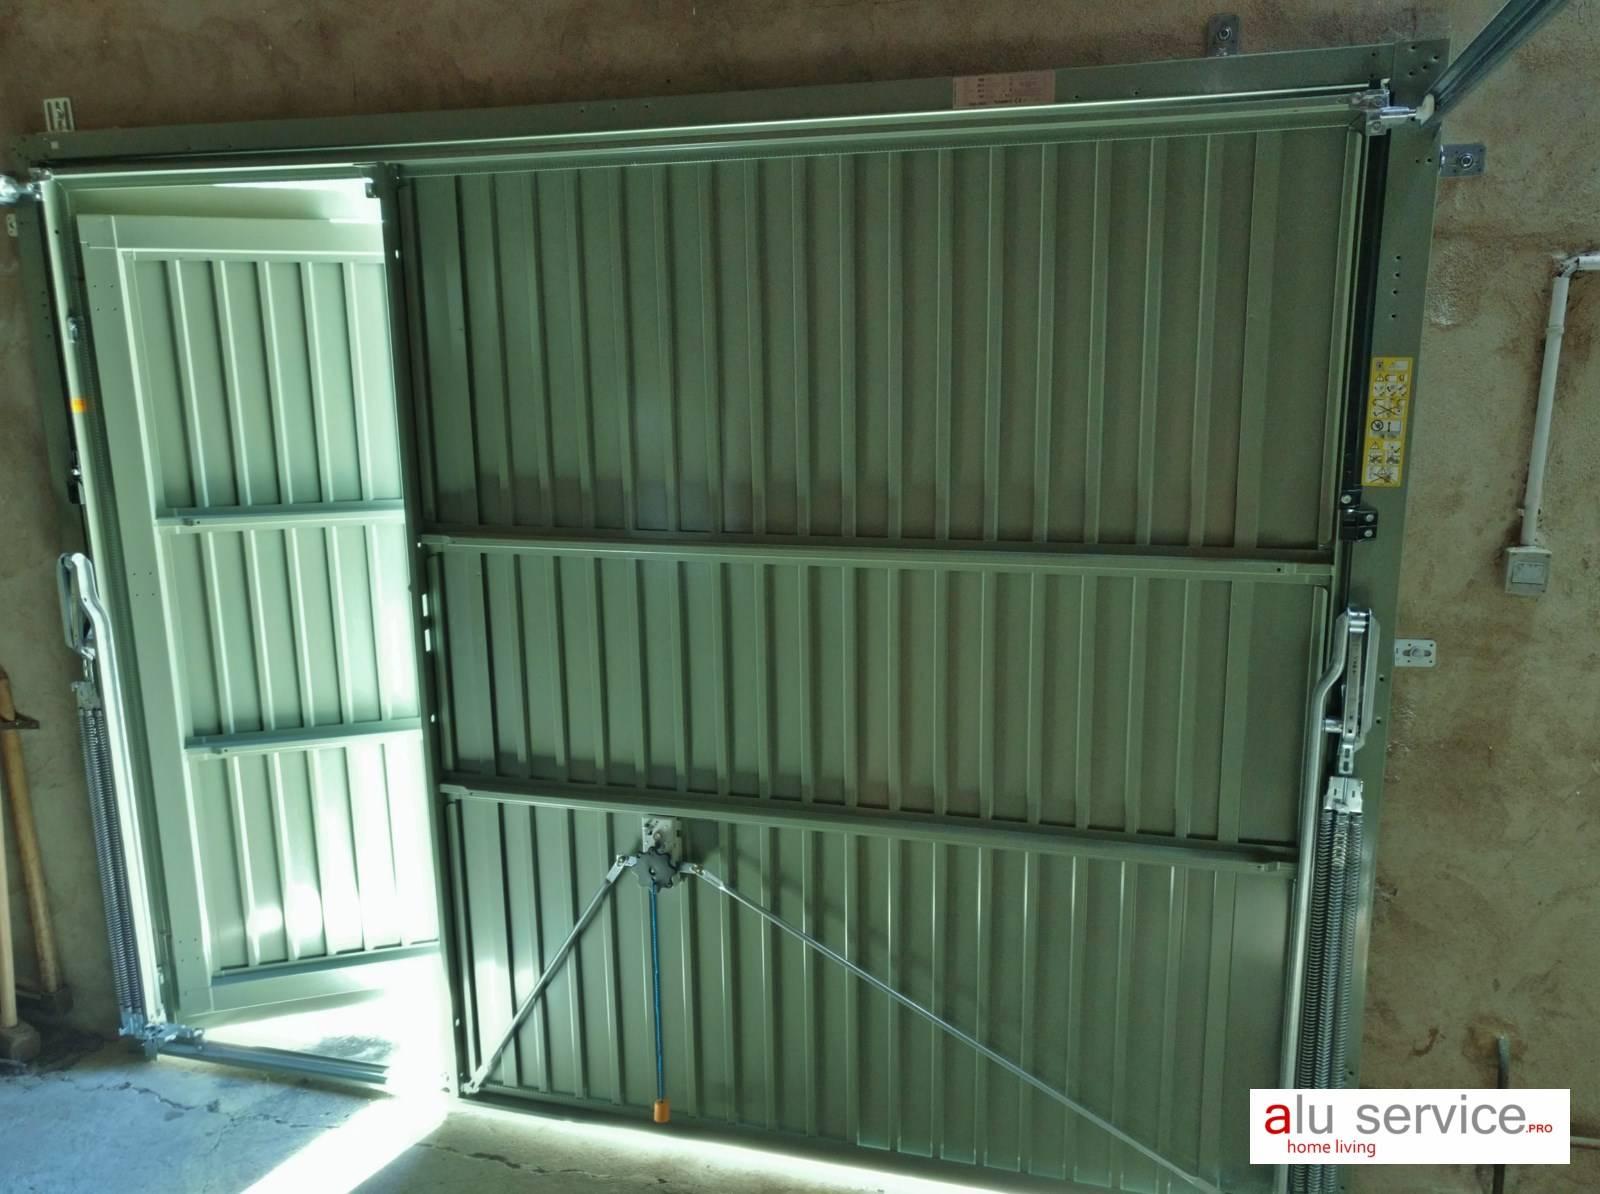 R alisation porte de garage basculante avec portillon - Porte de garage hormann avec portillon ...